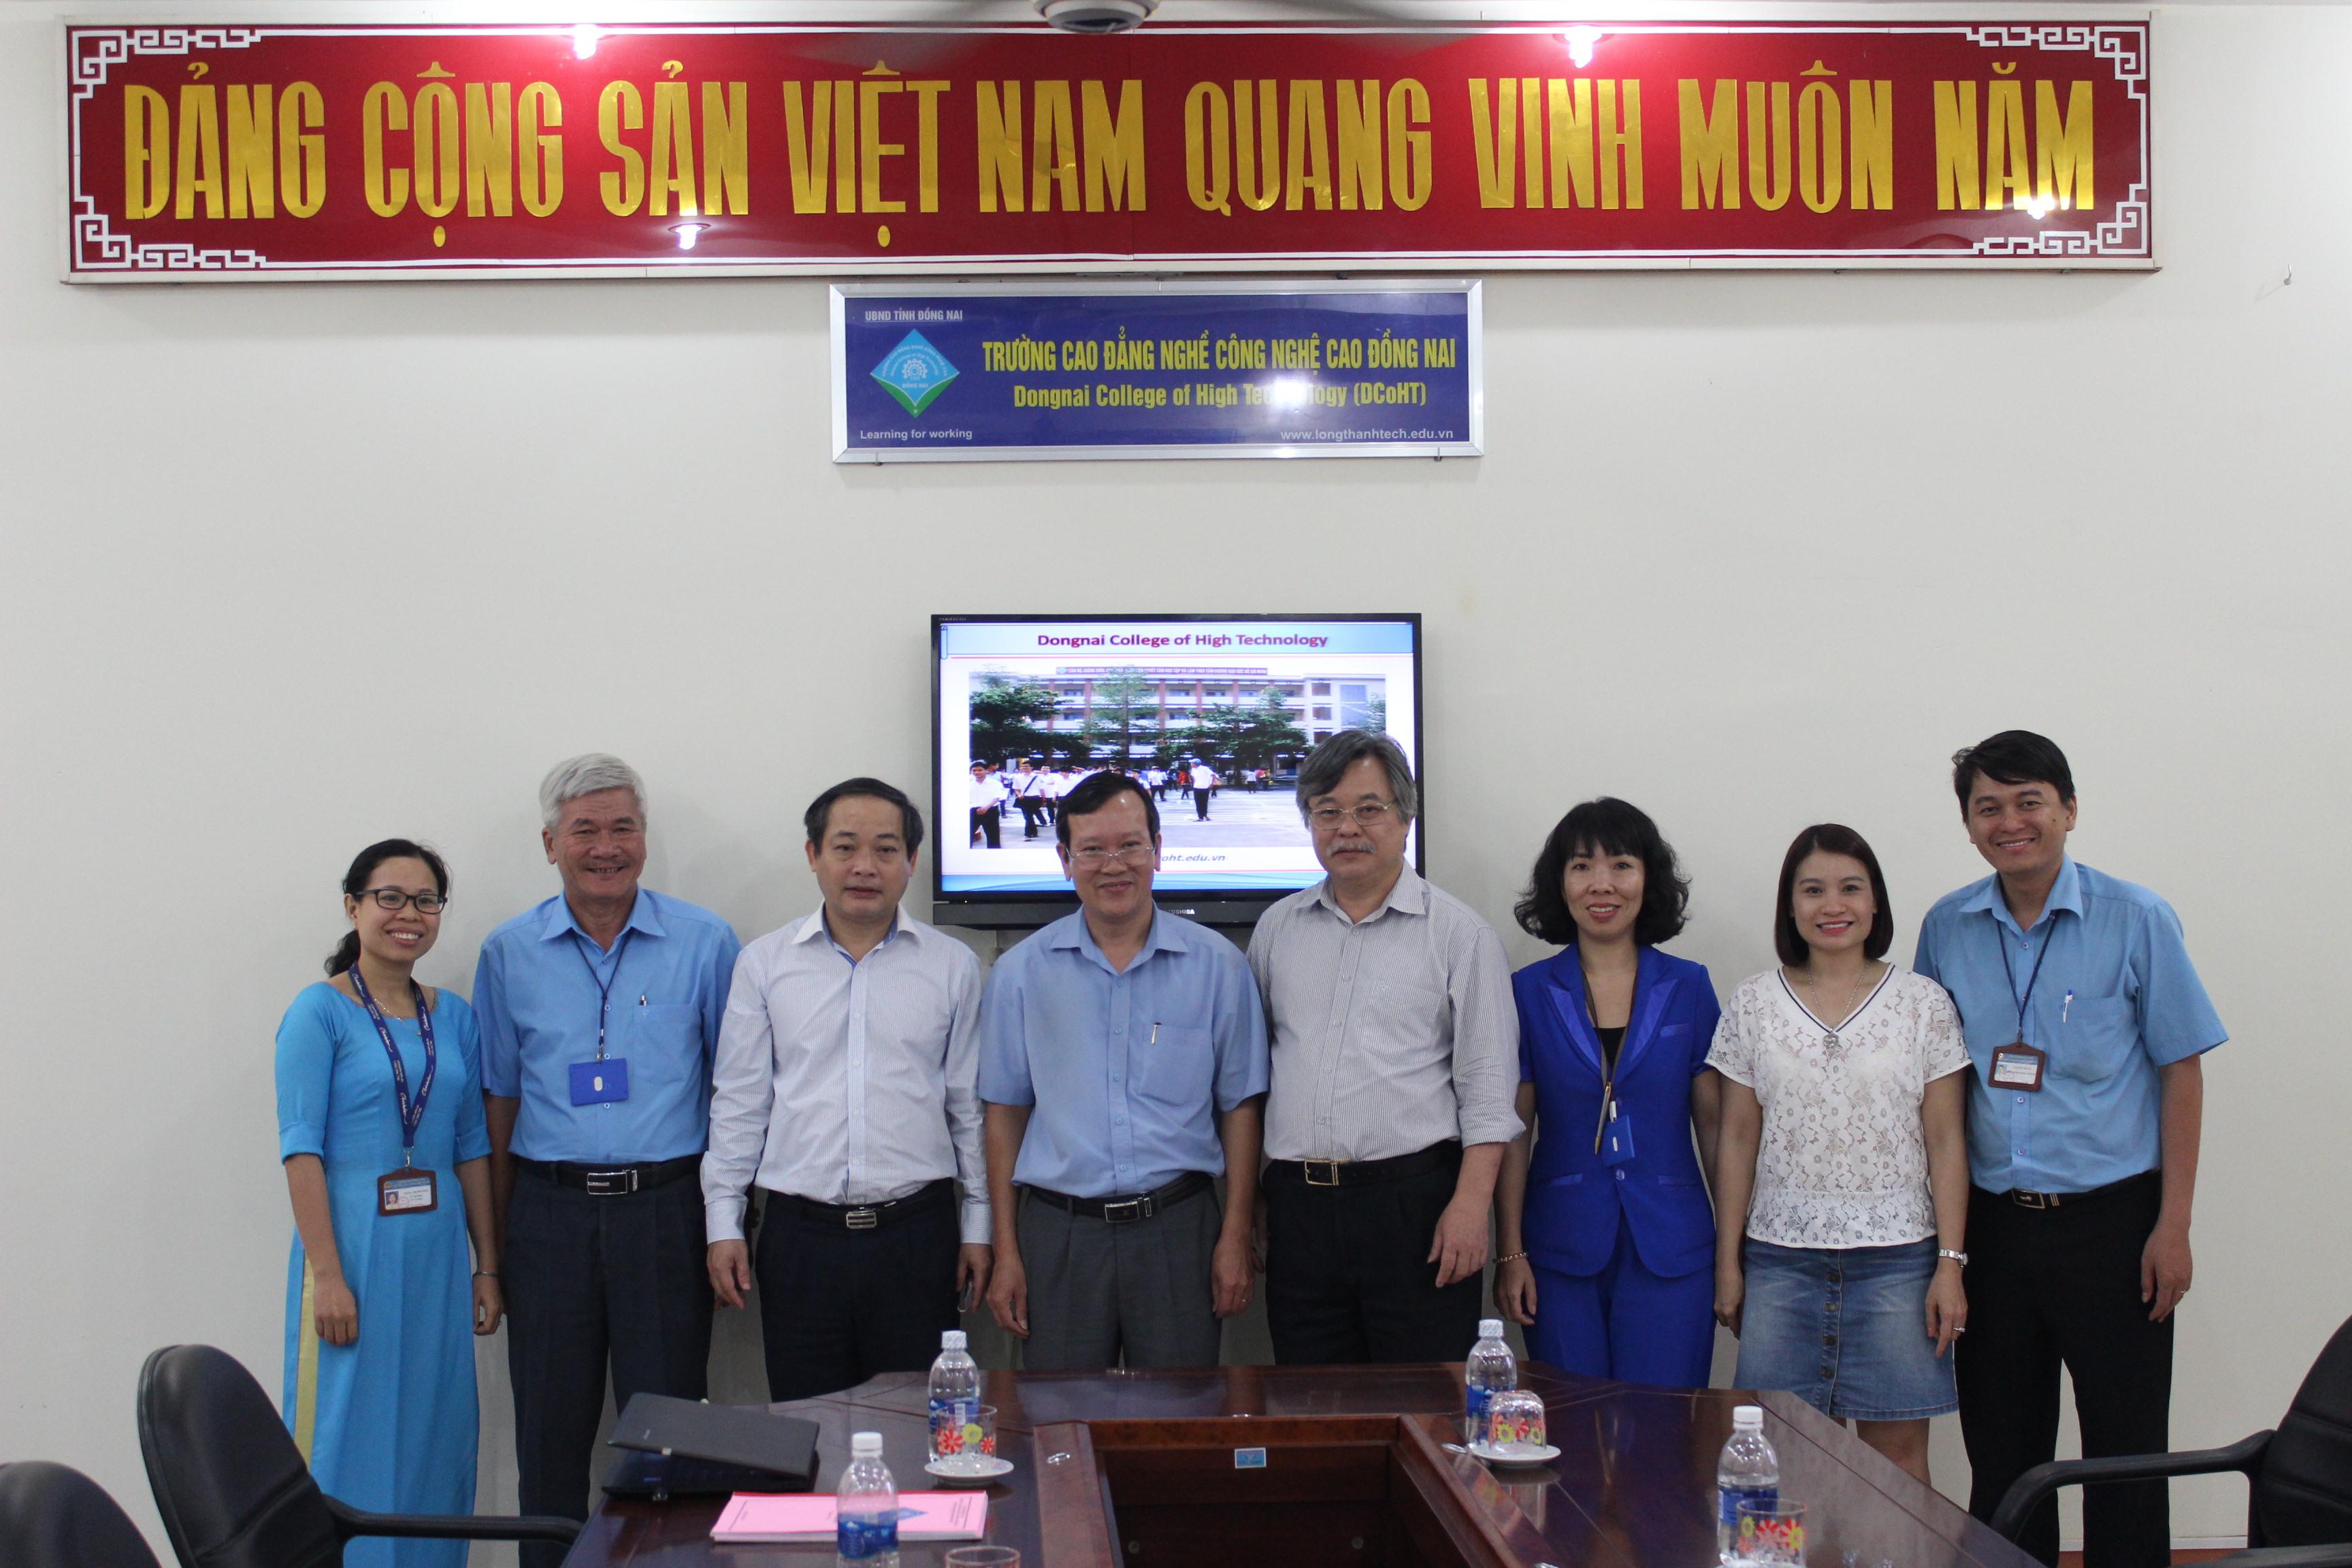 Tổng cục trưởng, Ts. Nguyễn Hồng Minh thăm Trường ngày 22/3/2018